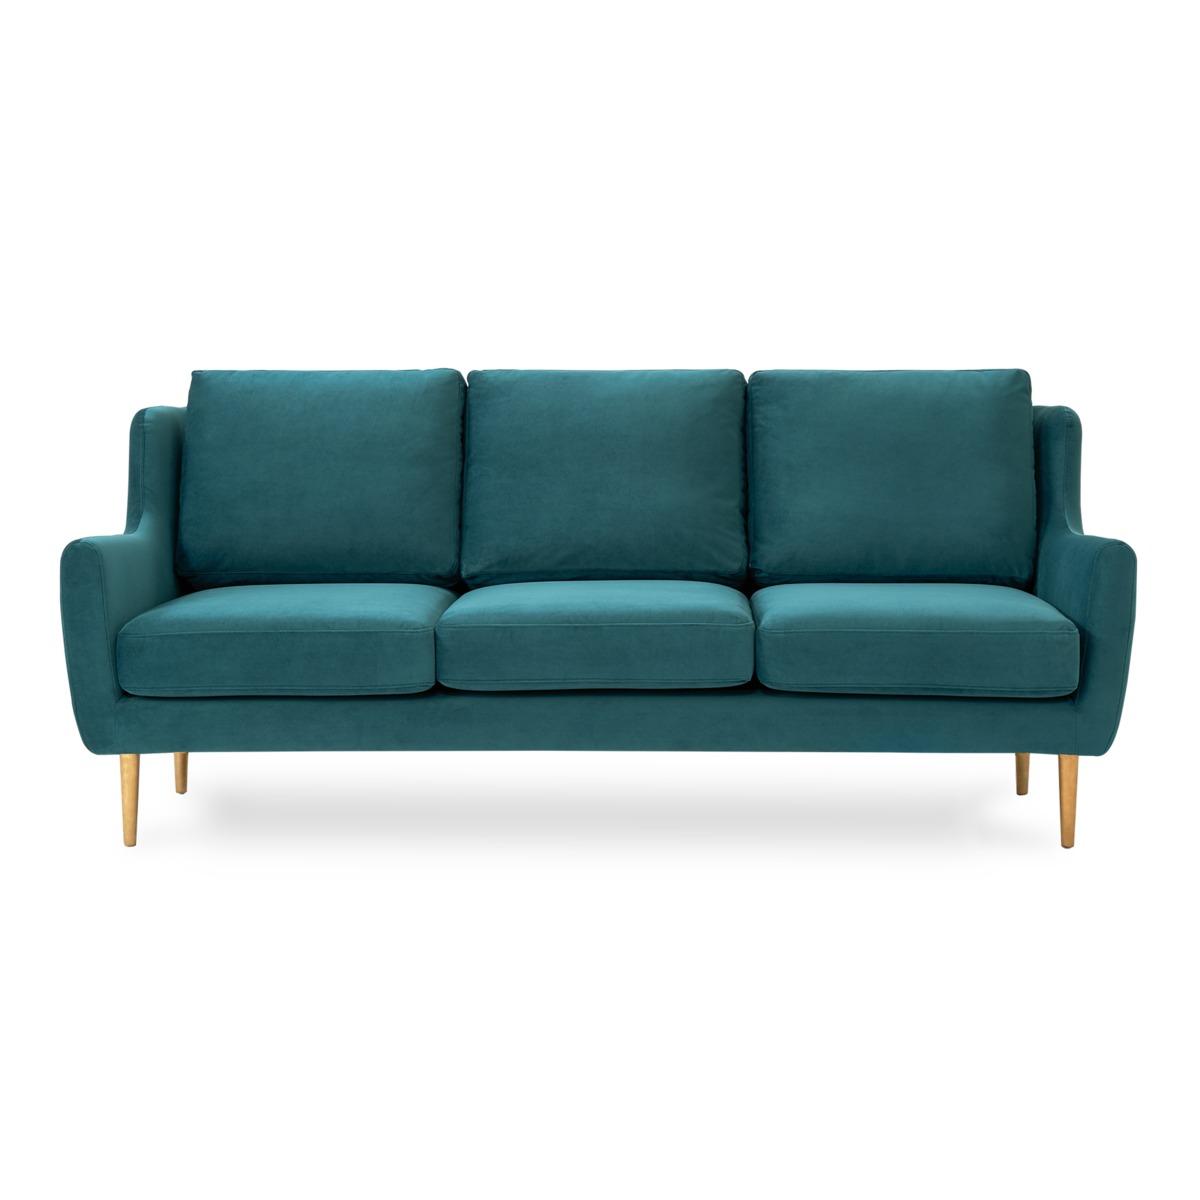 Adelphi 3 Seater Sofa, Deep Teal Velvet